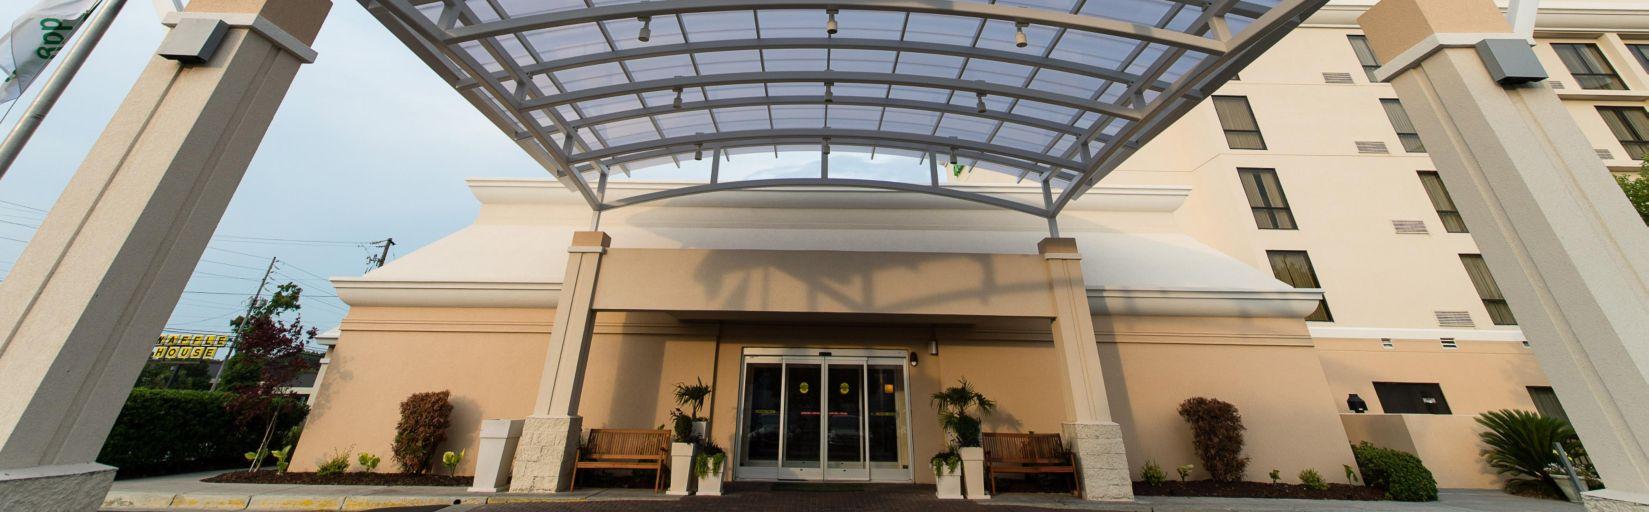 Holiday Inn Wilmington Nc Hotel Entrance